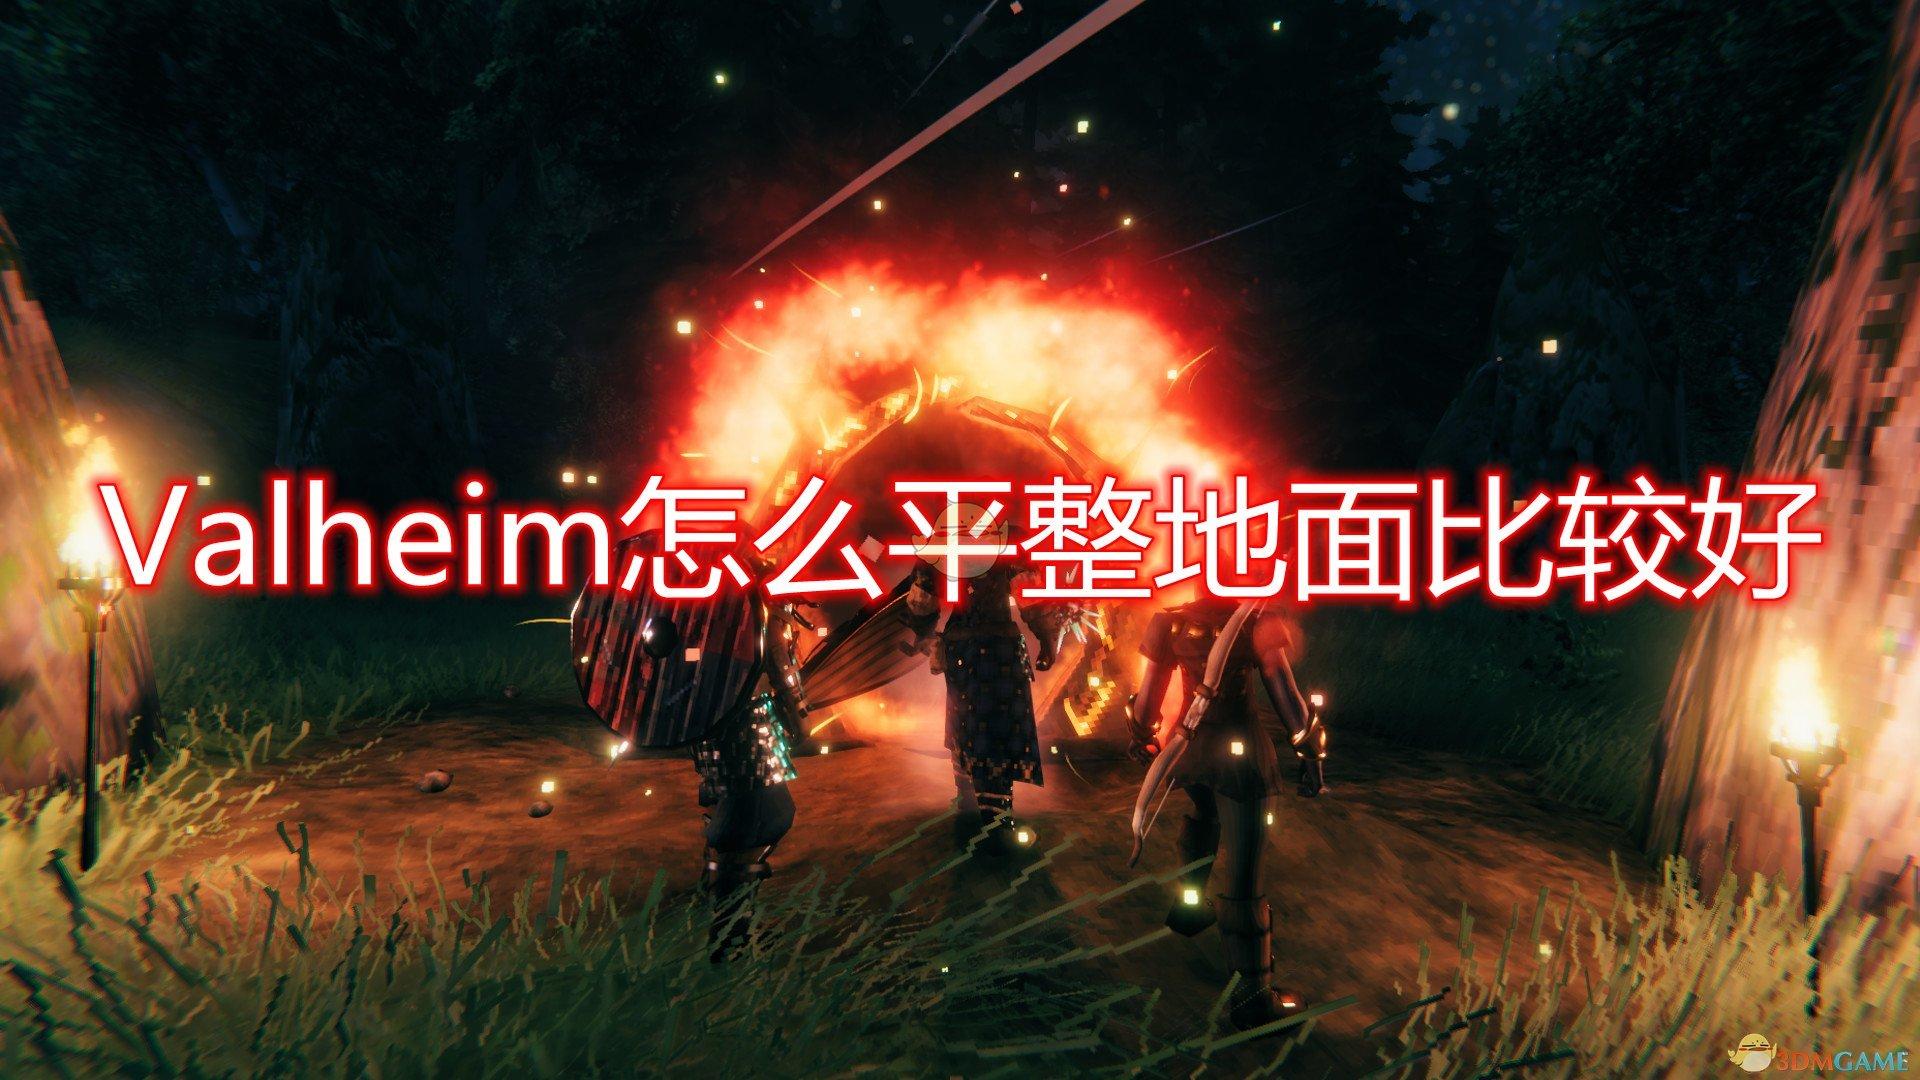 《Valheim:英灵神殿》平整地面心得分享